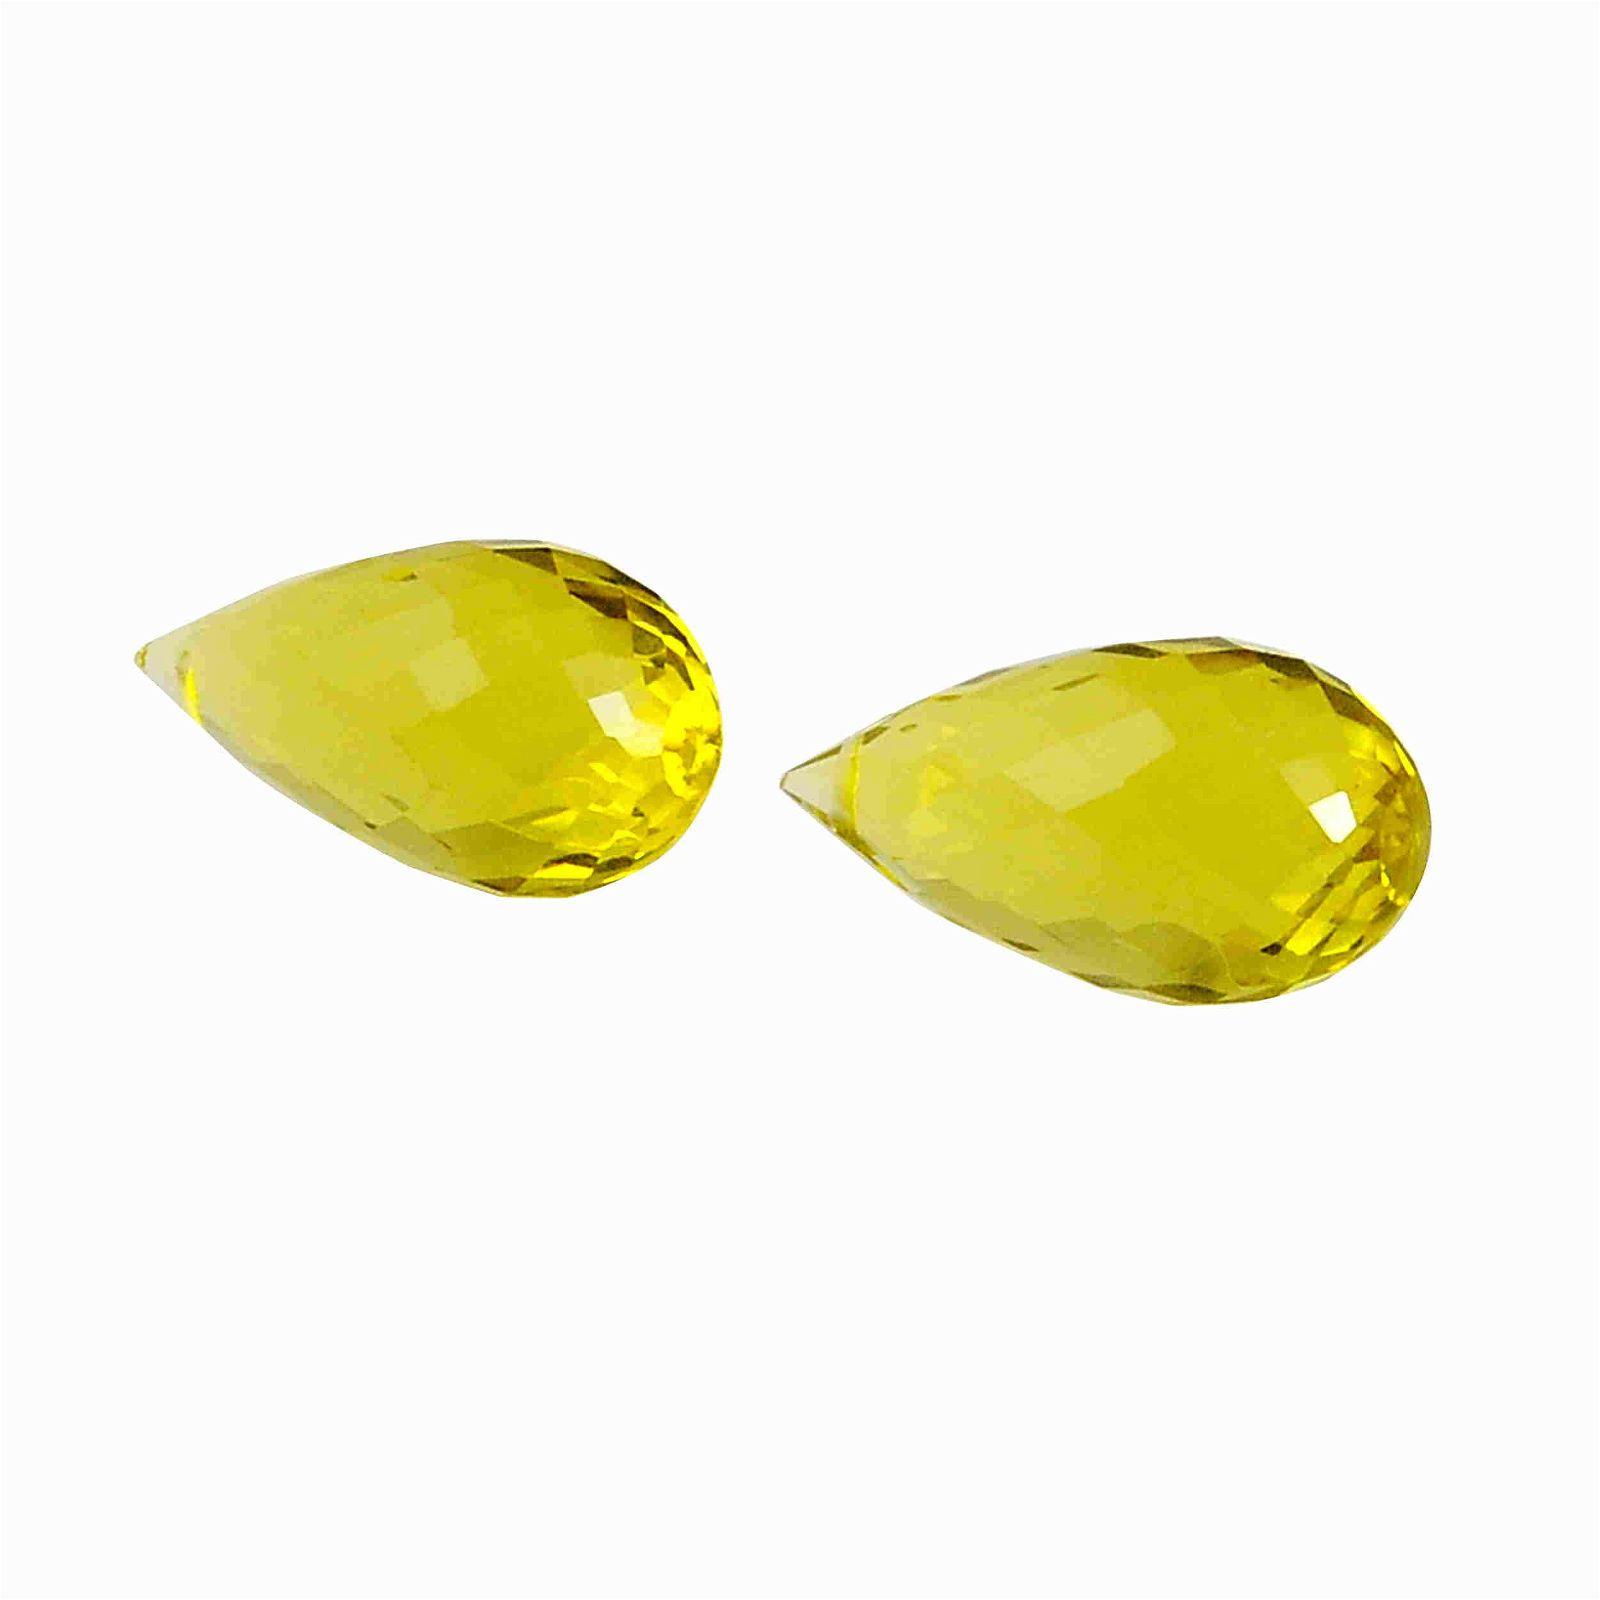 11.65 Carat Yellow Color Natural Drops Lemon Quartz